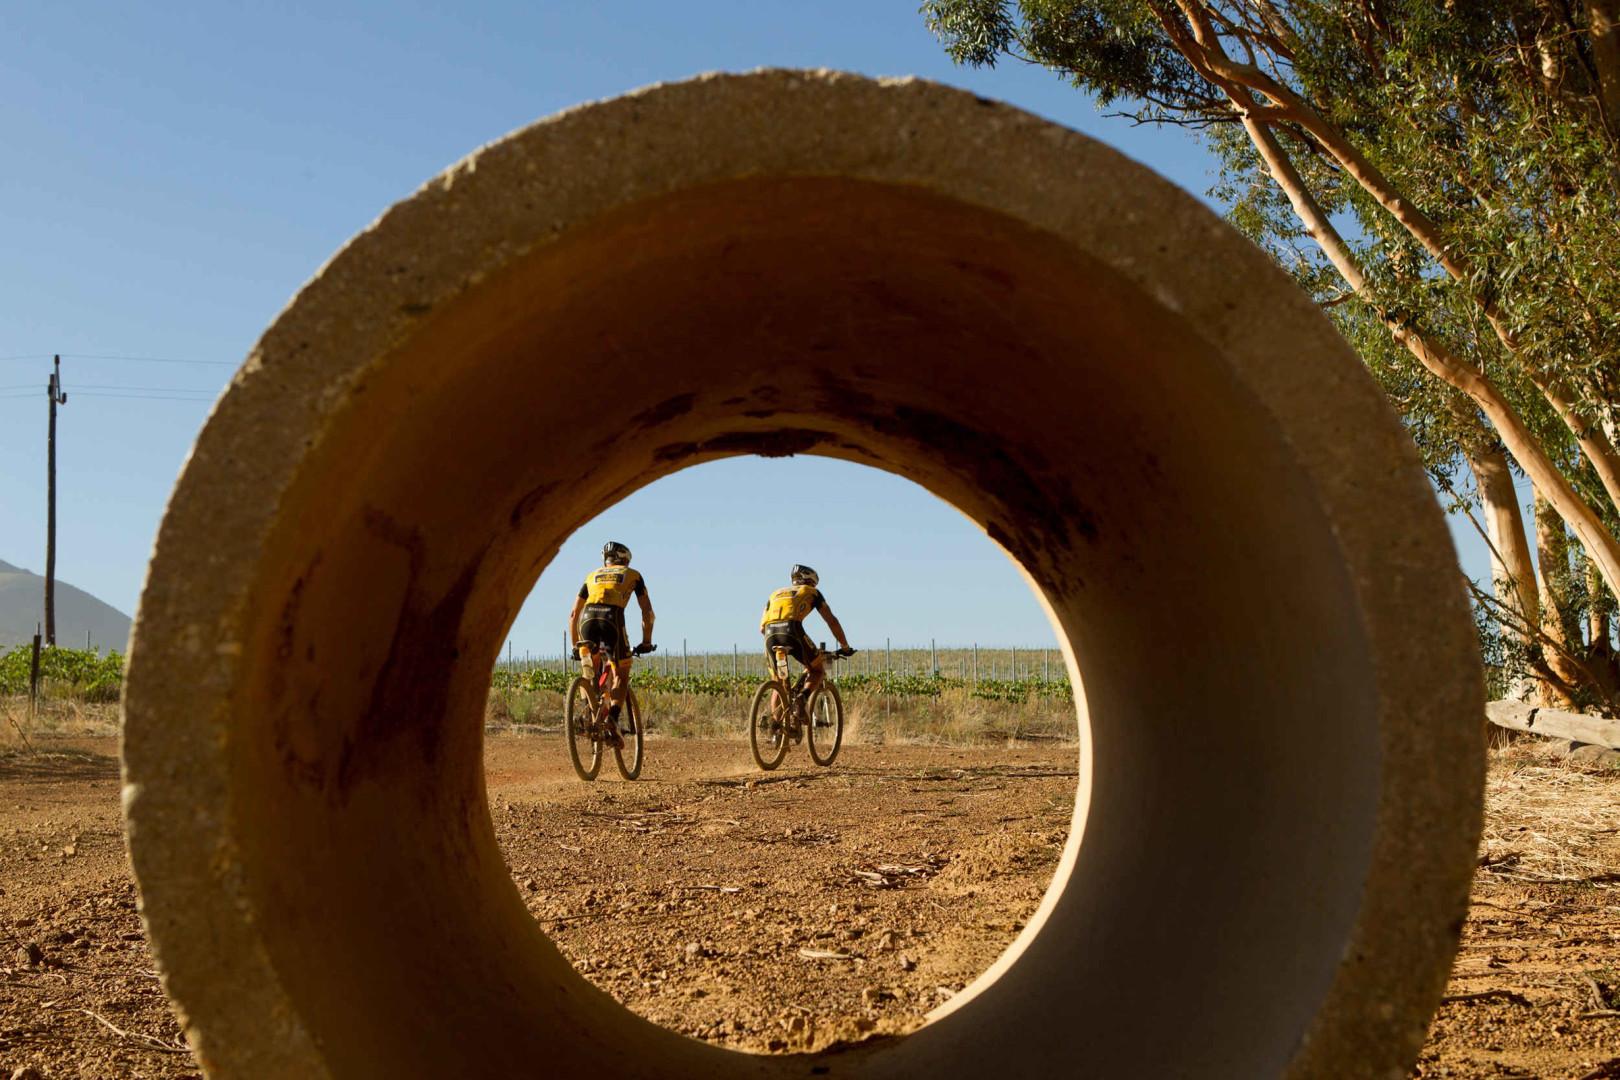 [KONKURS] Wybieramy najlepsze zdjęcie z V etapu ABSA Cape Epic